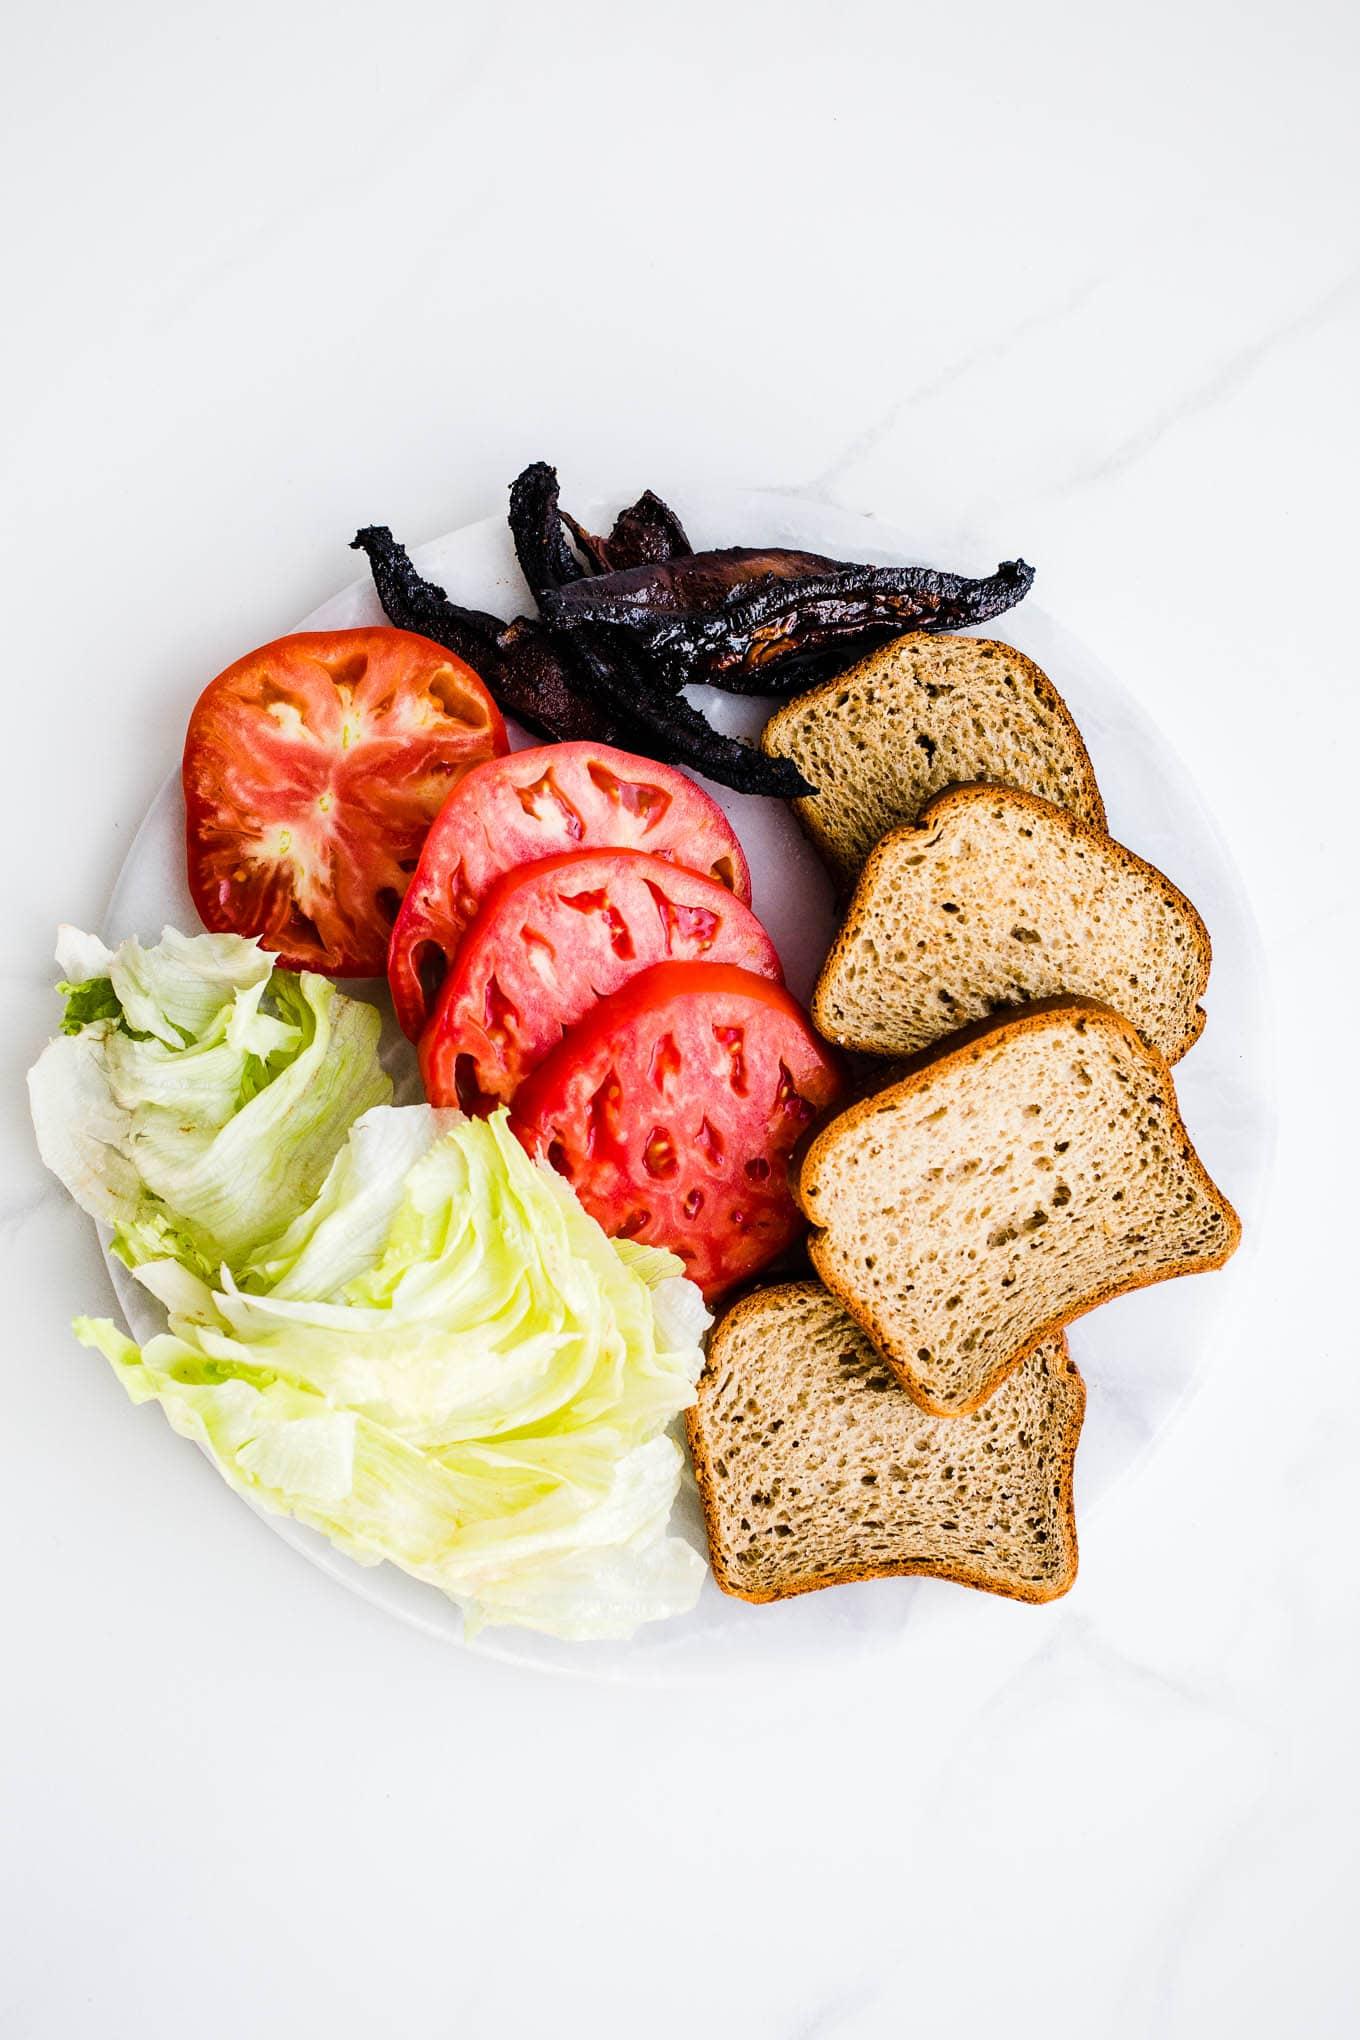 bread, mushrooms, iceberg lettuce, and tomatoes on platter